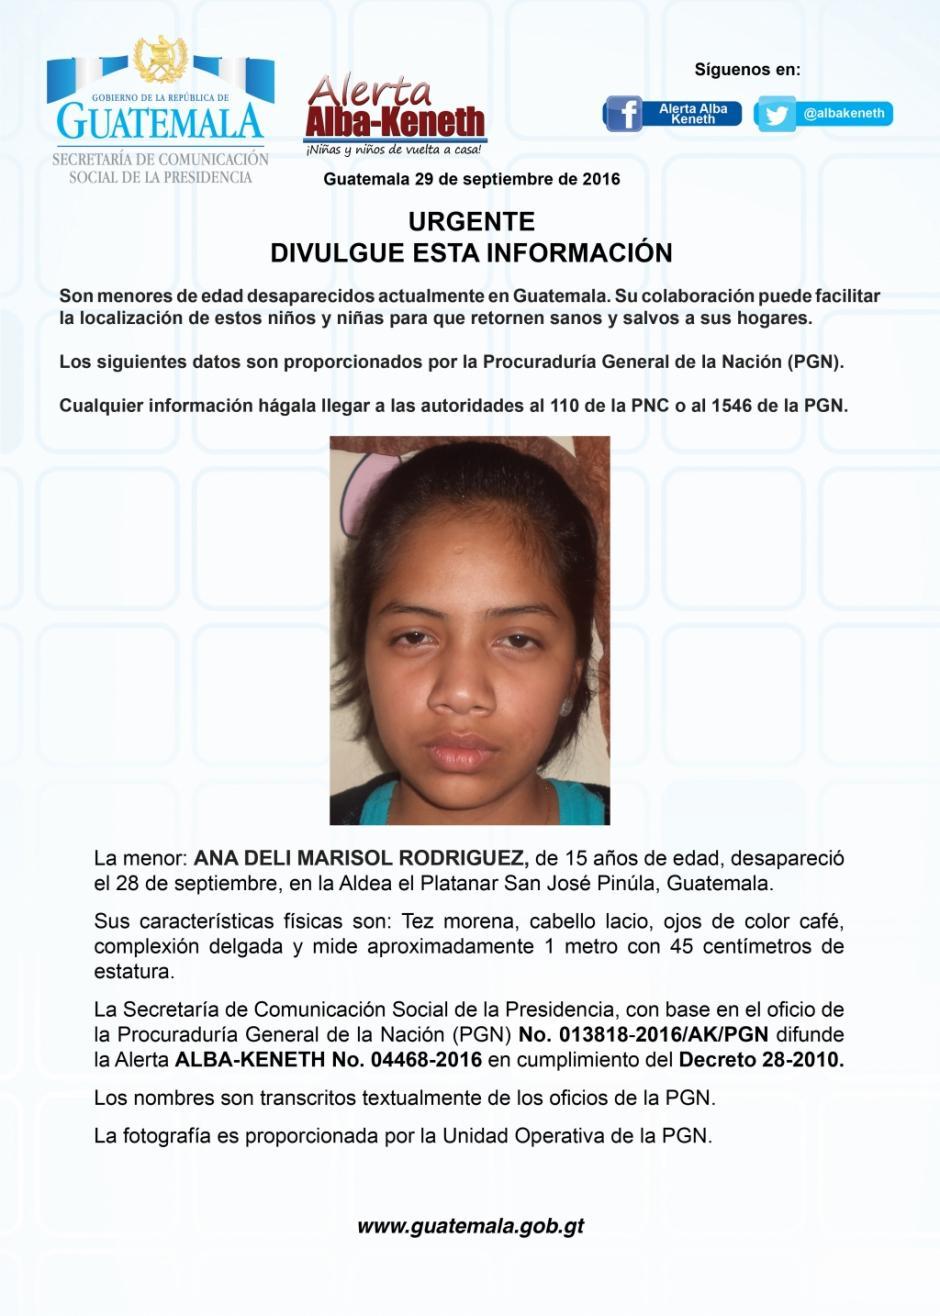 Ana Deli Marisol Rodríguez de 15 años, también es buscada por las autoridades. (Imagen: Twitter/Alerta Alba Keneth)